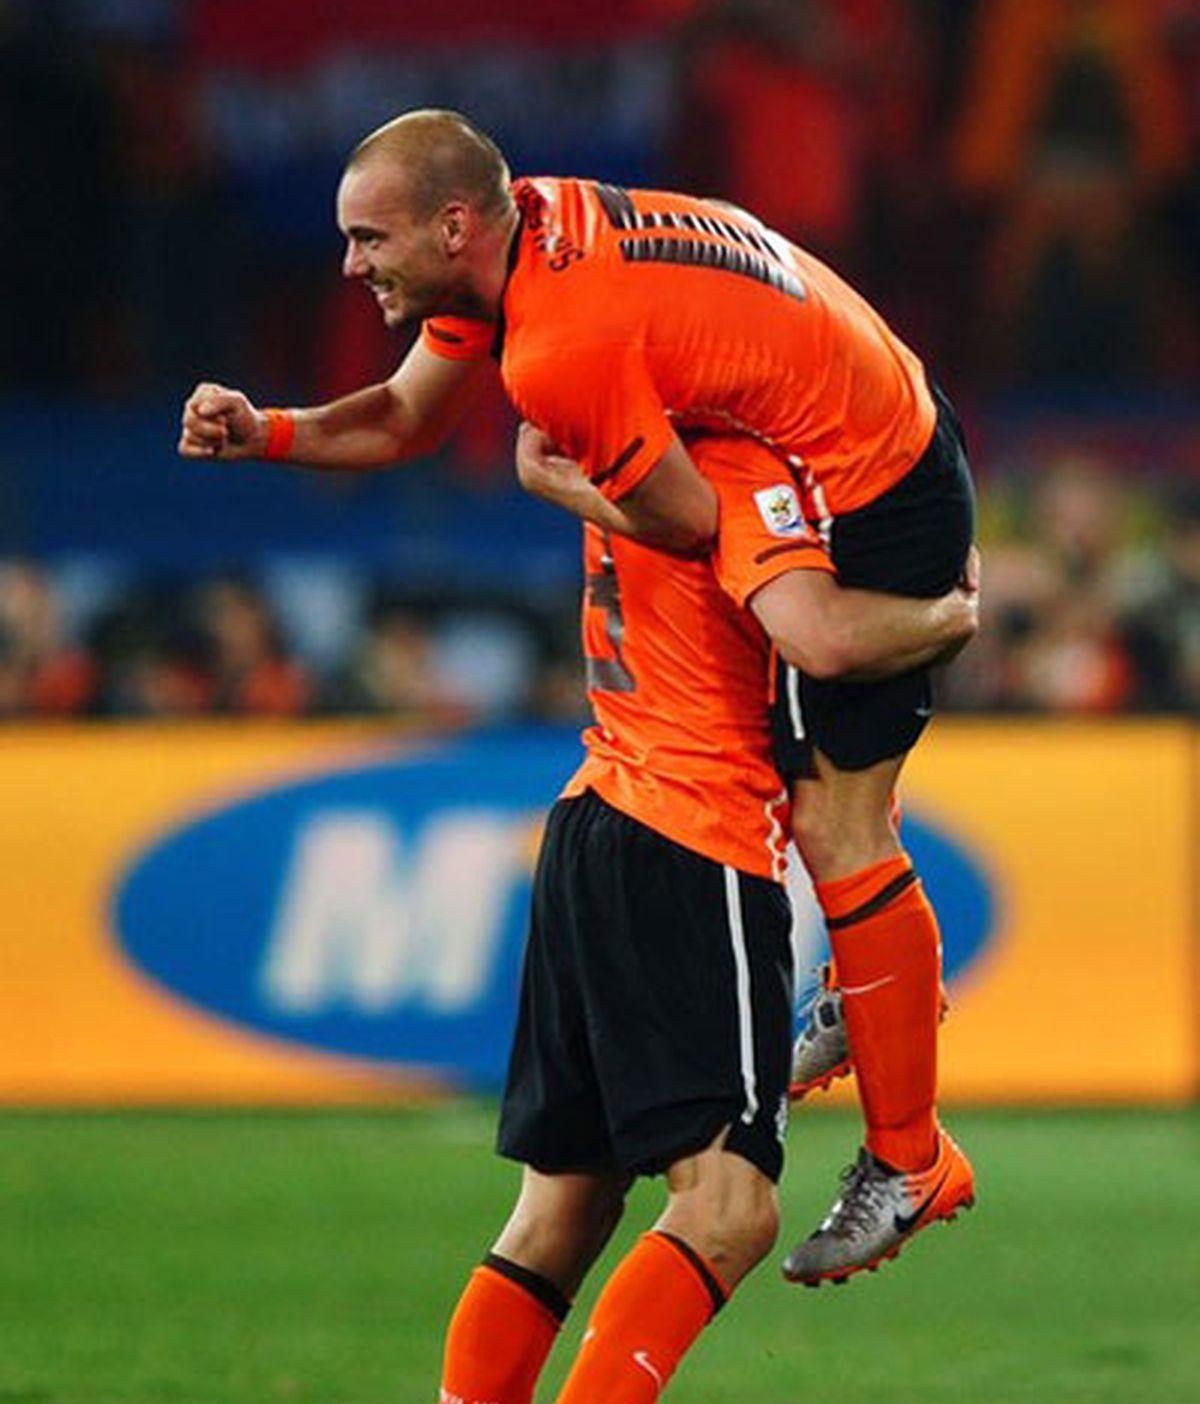 La Federación holandesa no confiaba en los éxitos de su equipo